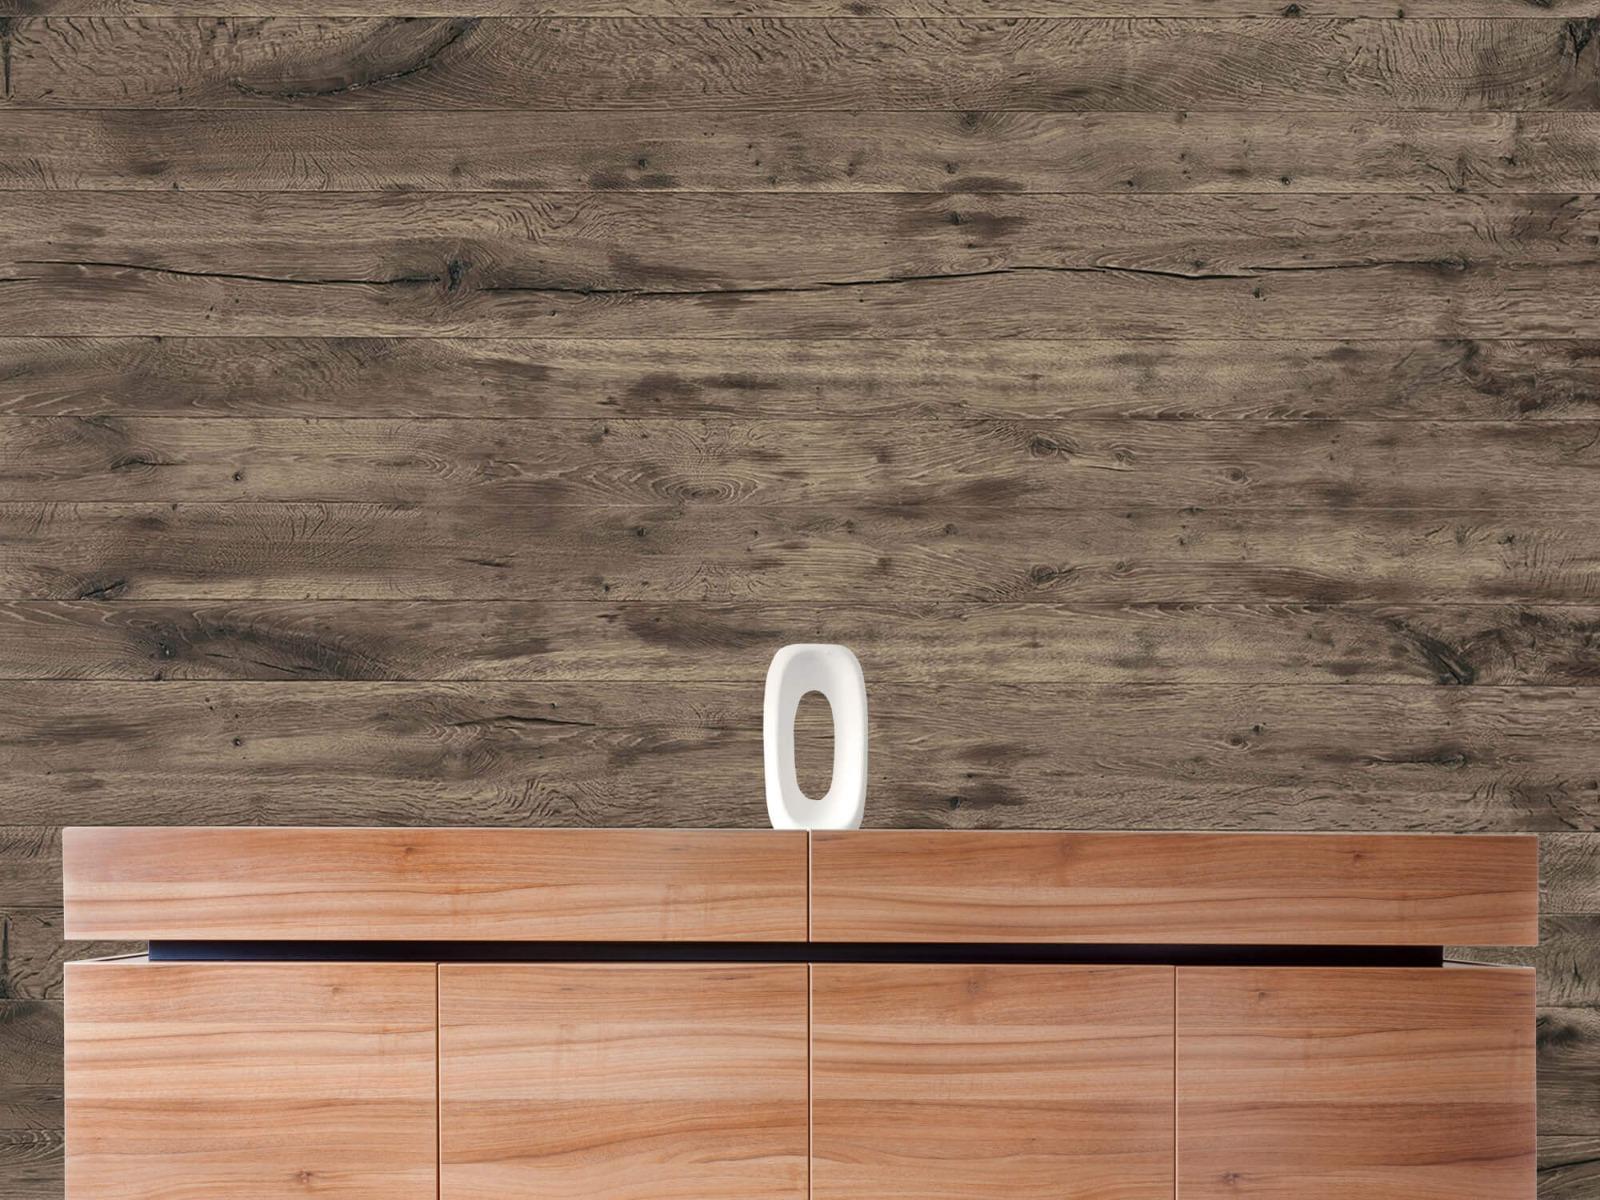 Hout behang - Rustieke houten planken - Garage 20